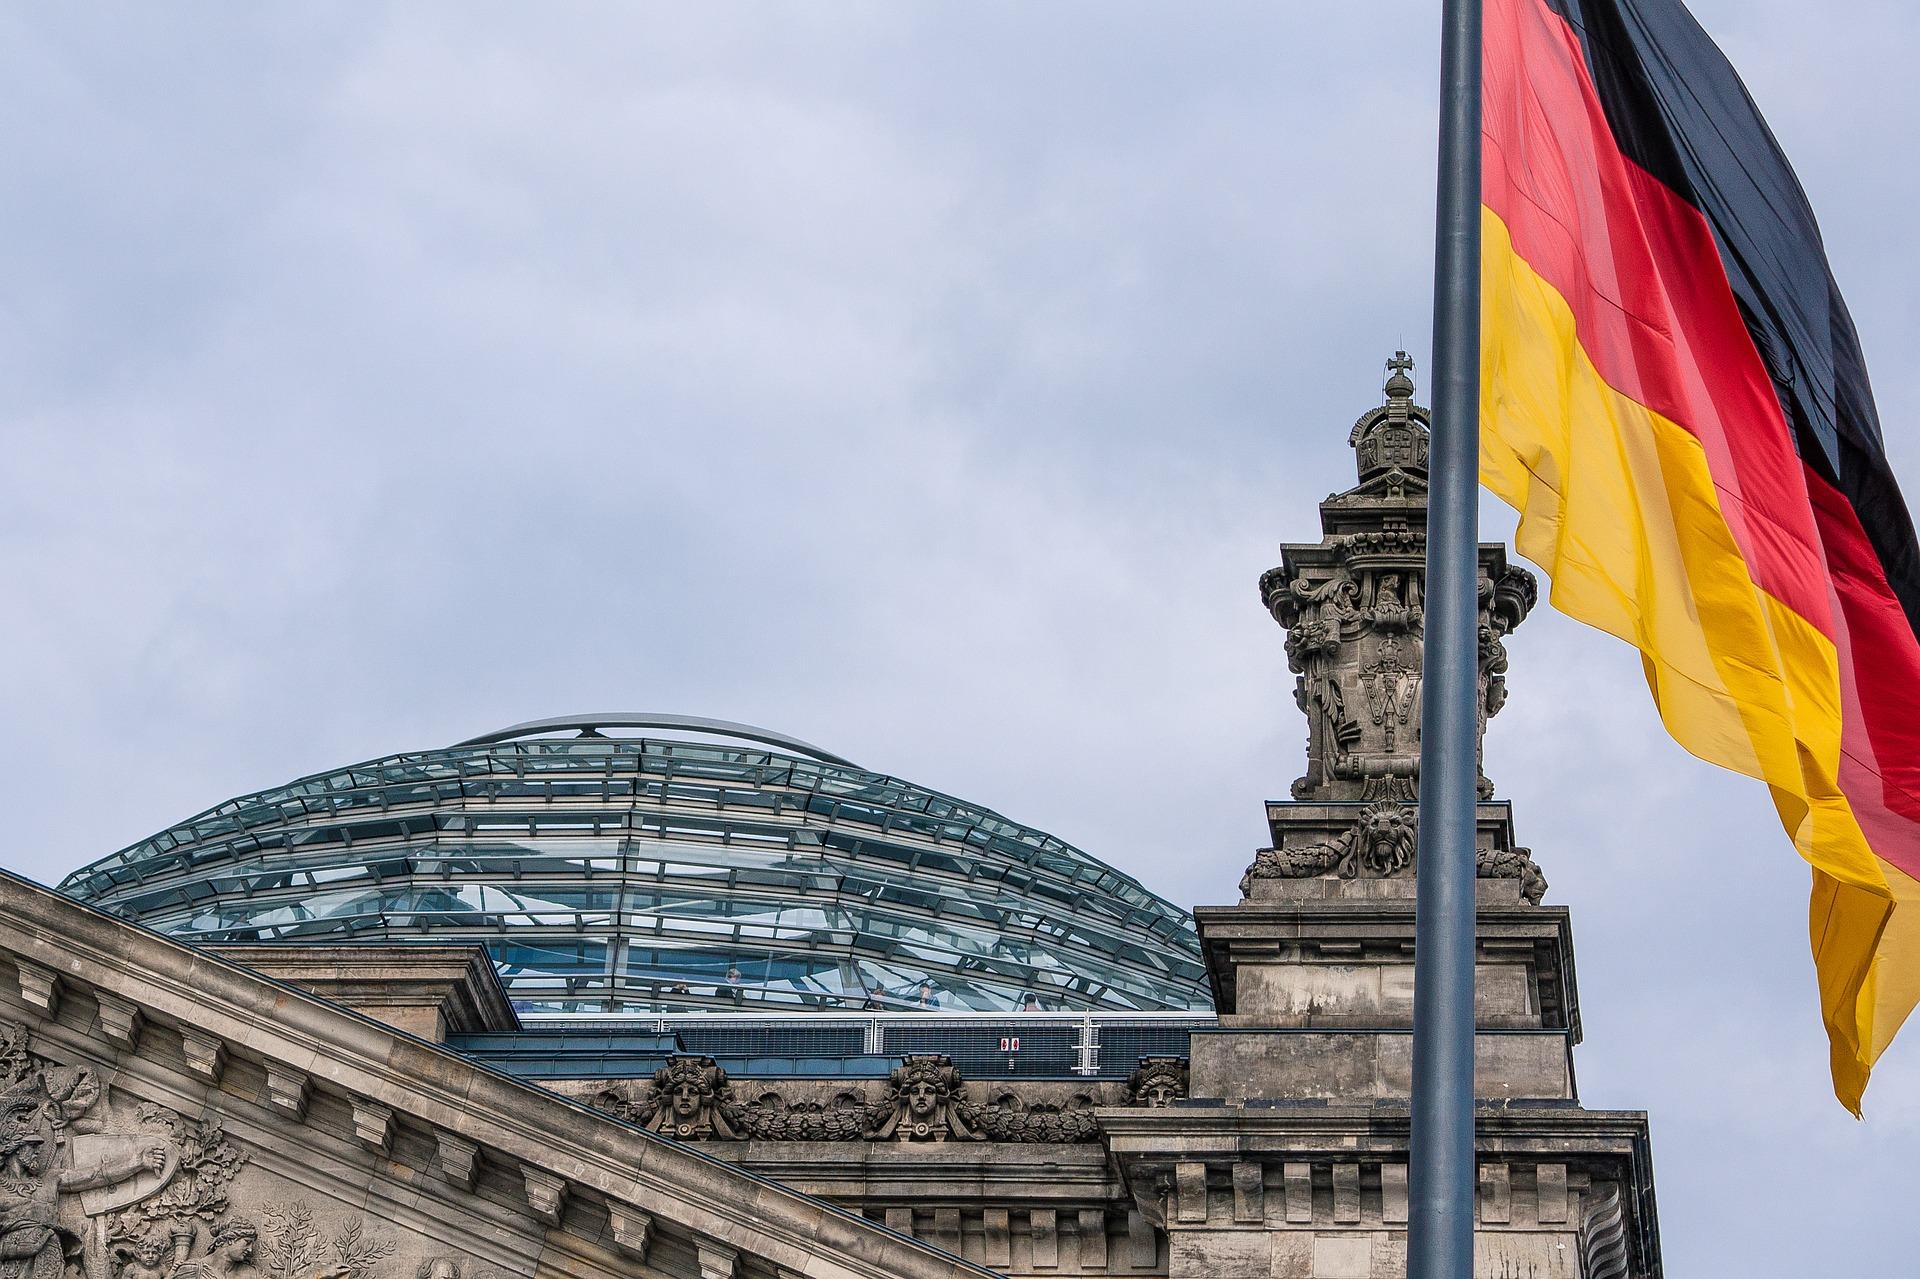 Eine Feng Shui Analyse vom Reichstag (B2/HV)